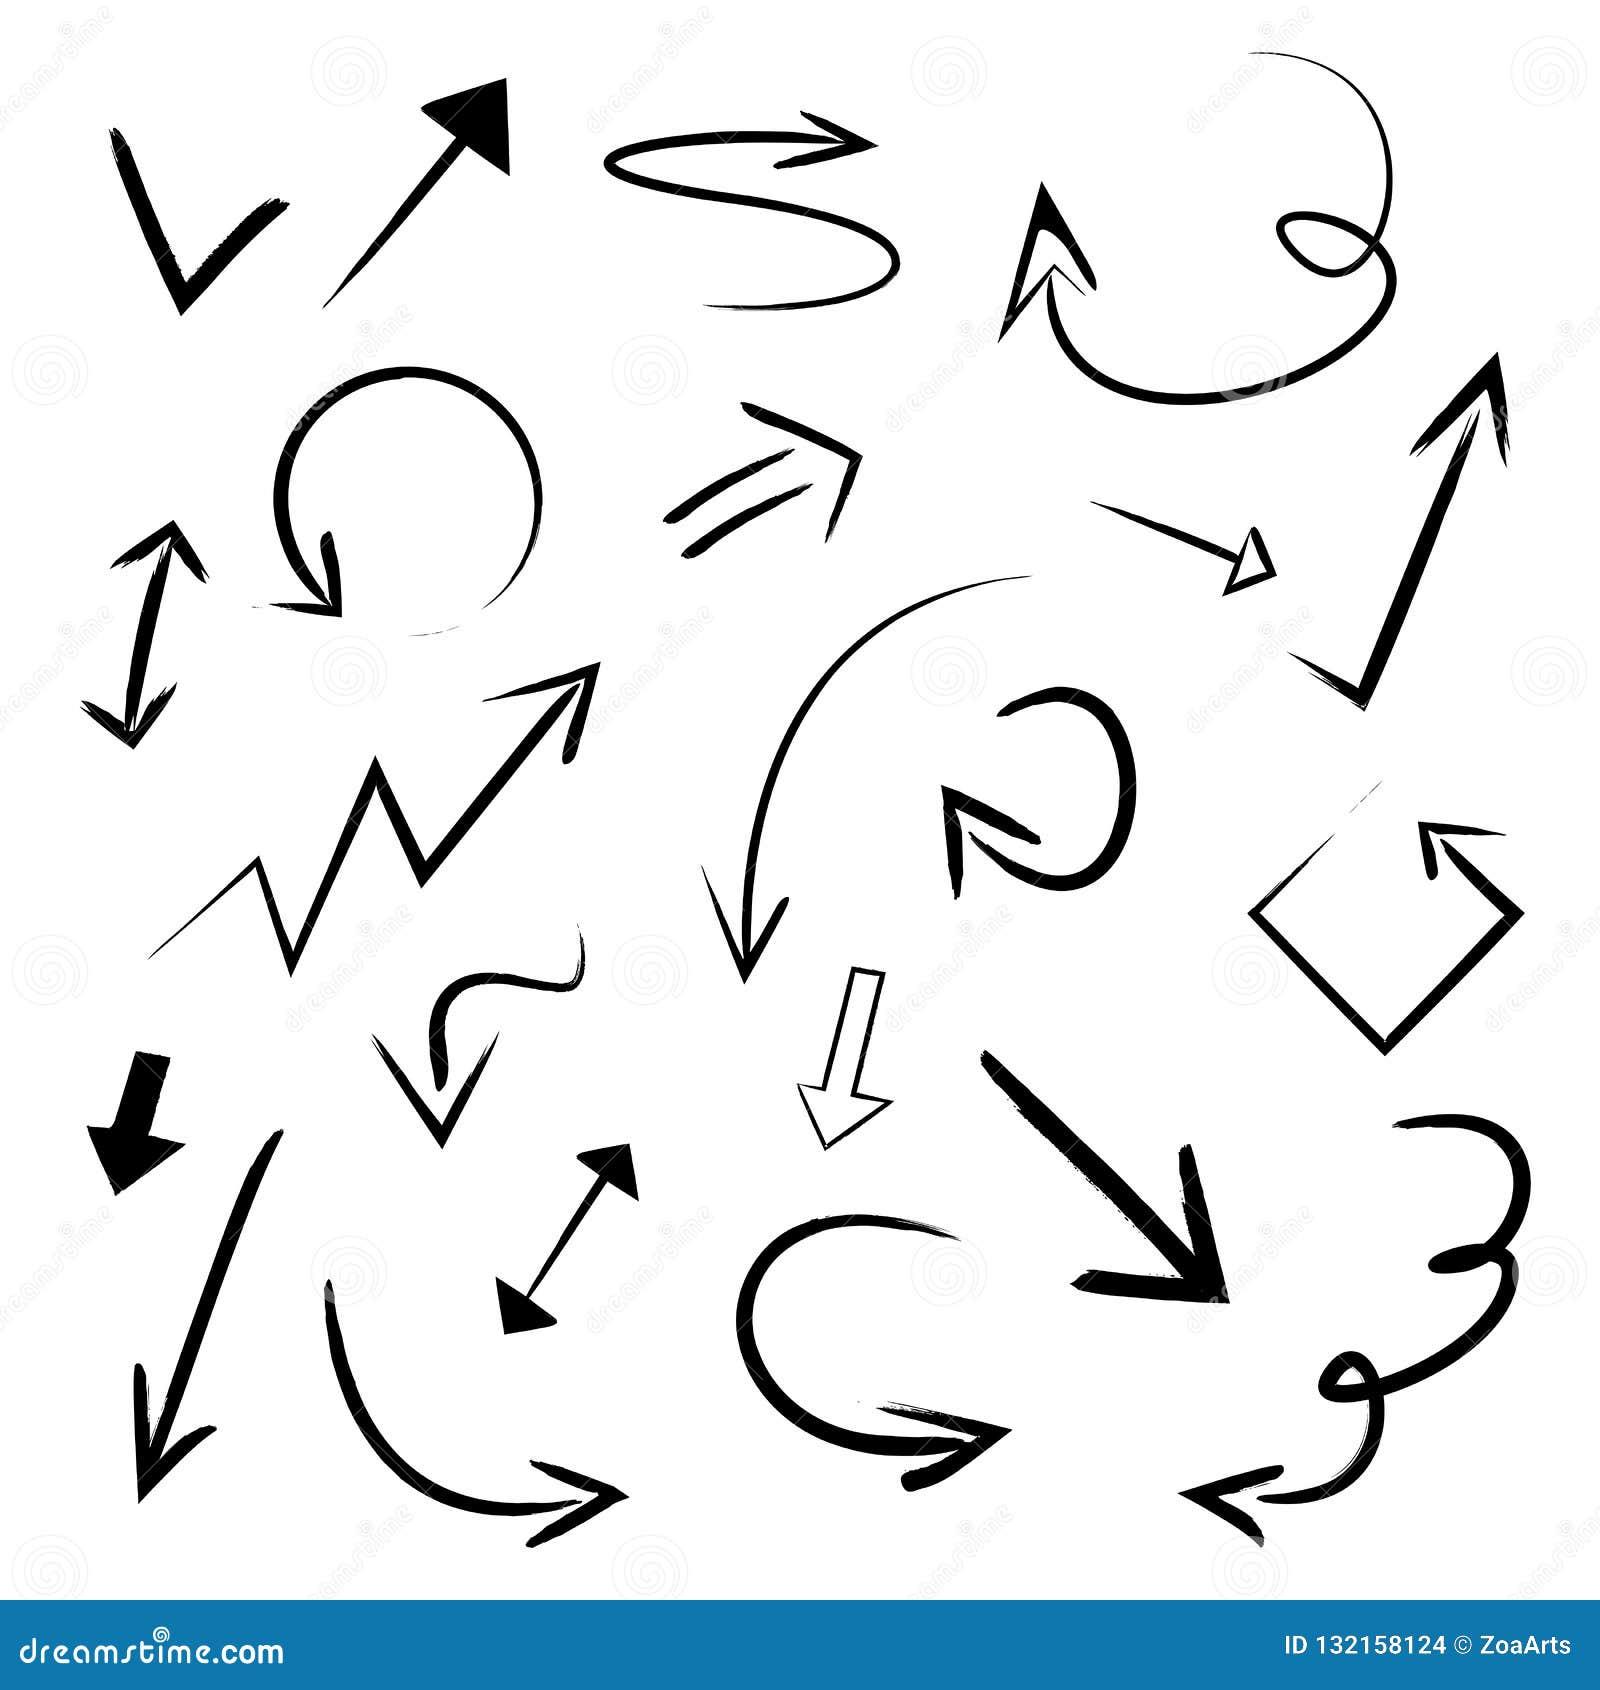 Vector Geplaatste Illustratiehand Getrokken Pijlen Inzameling van Grunge-de Pijlart. van de Schets Met de hand gemaakt Krabbel